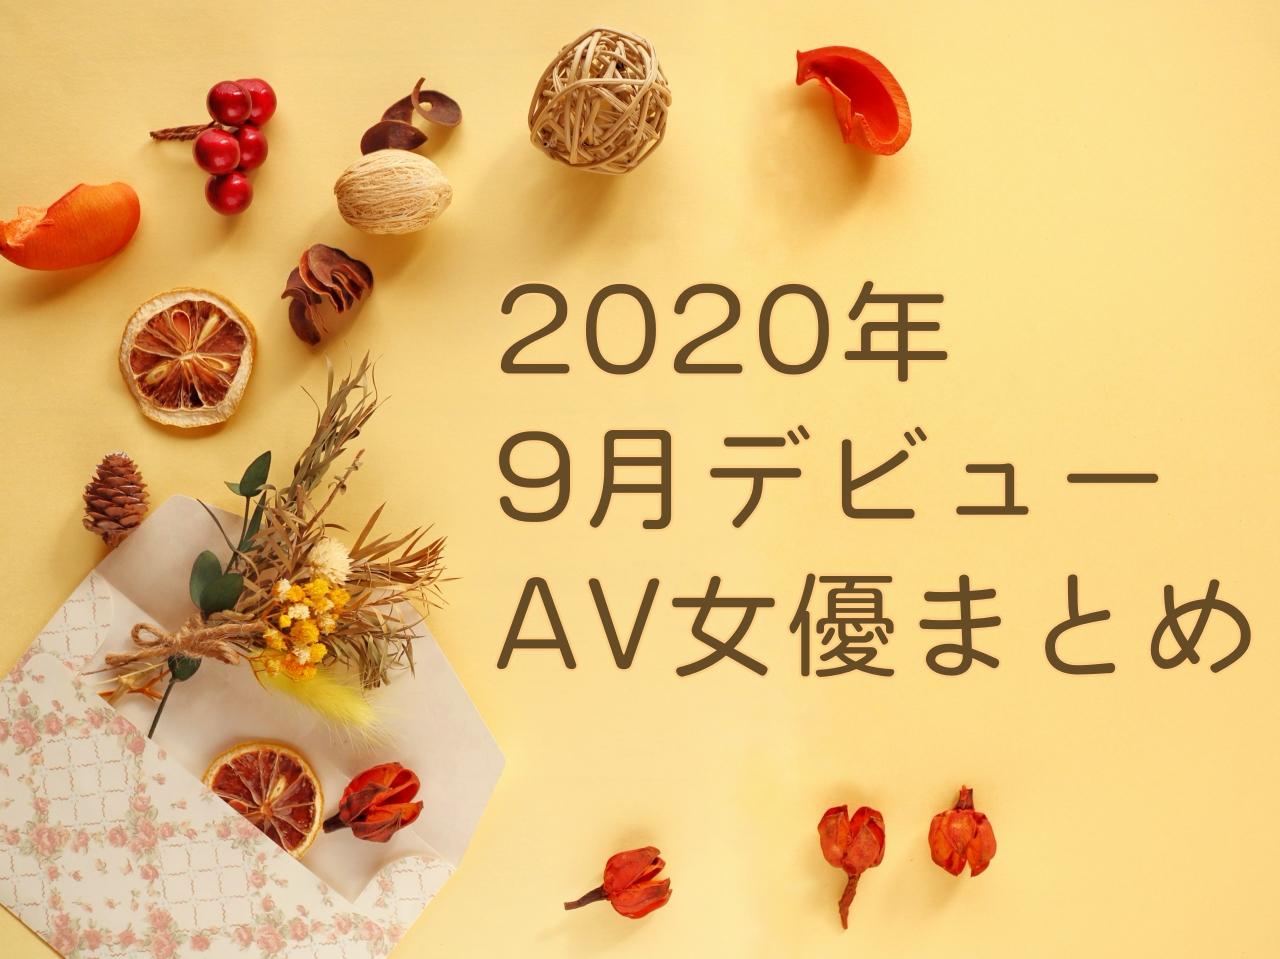 2020年9月AVデビューまとめ